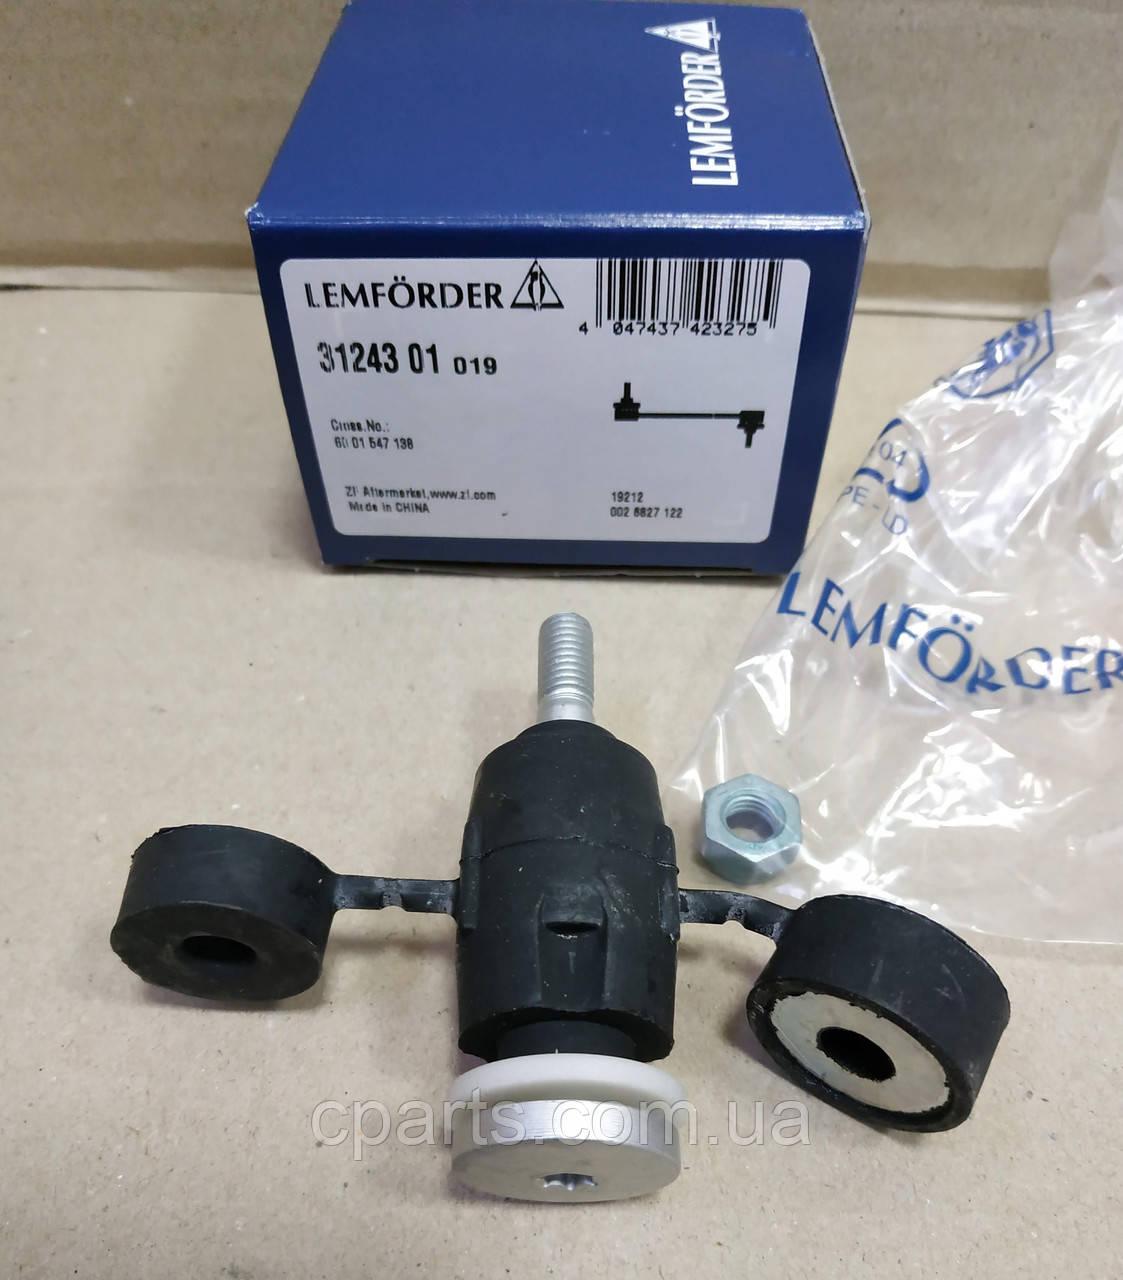 Стойка переднего стабилизатора Renault Sandero (Lemforder 31243)(высокое качество)